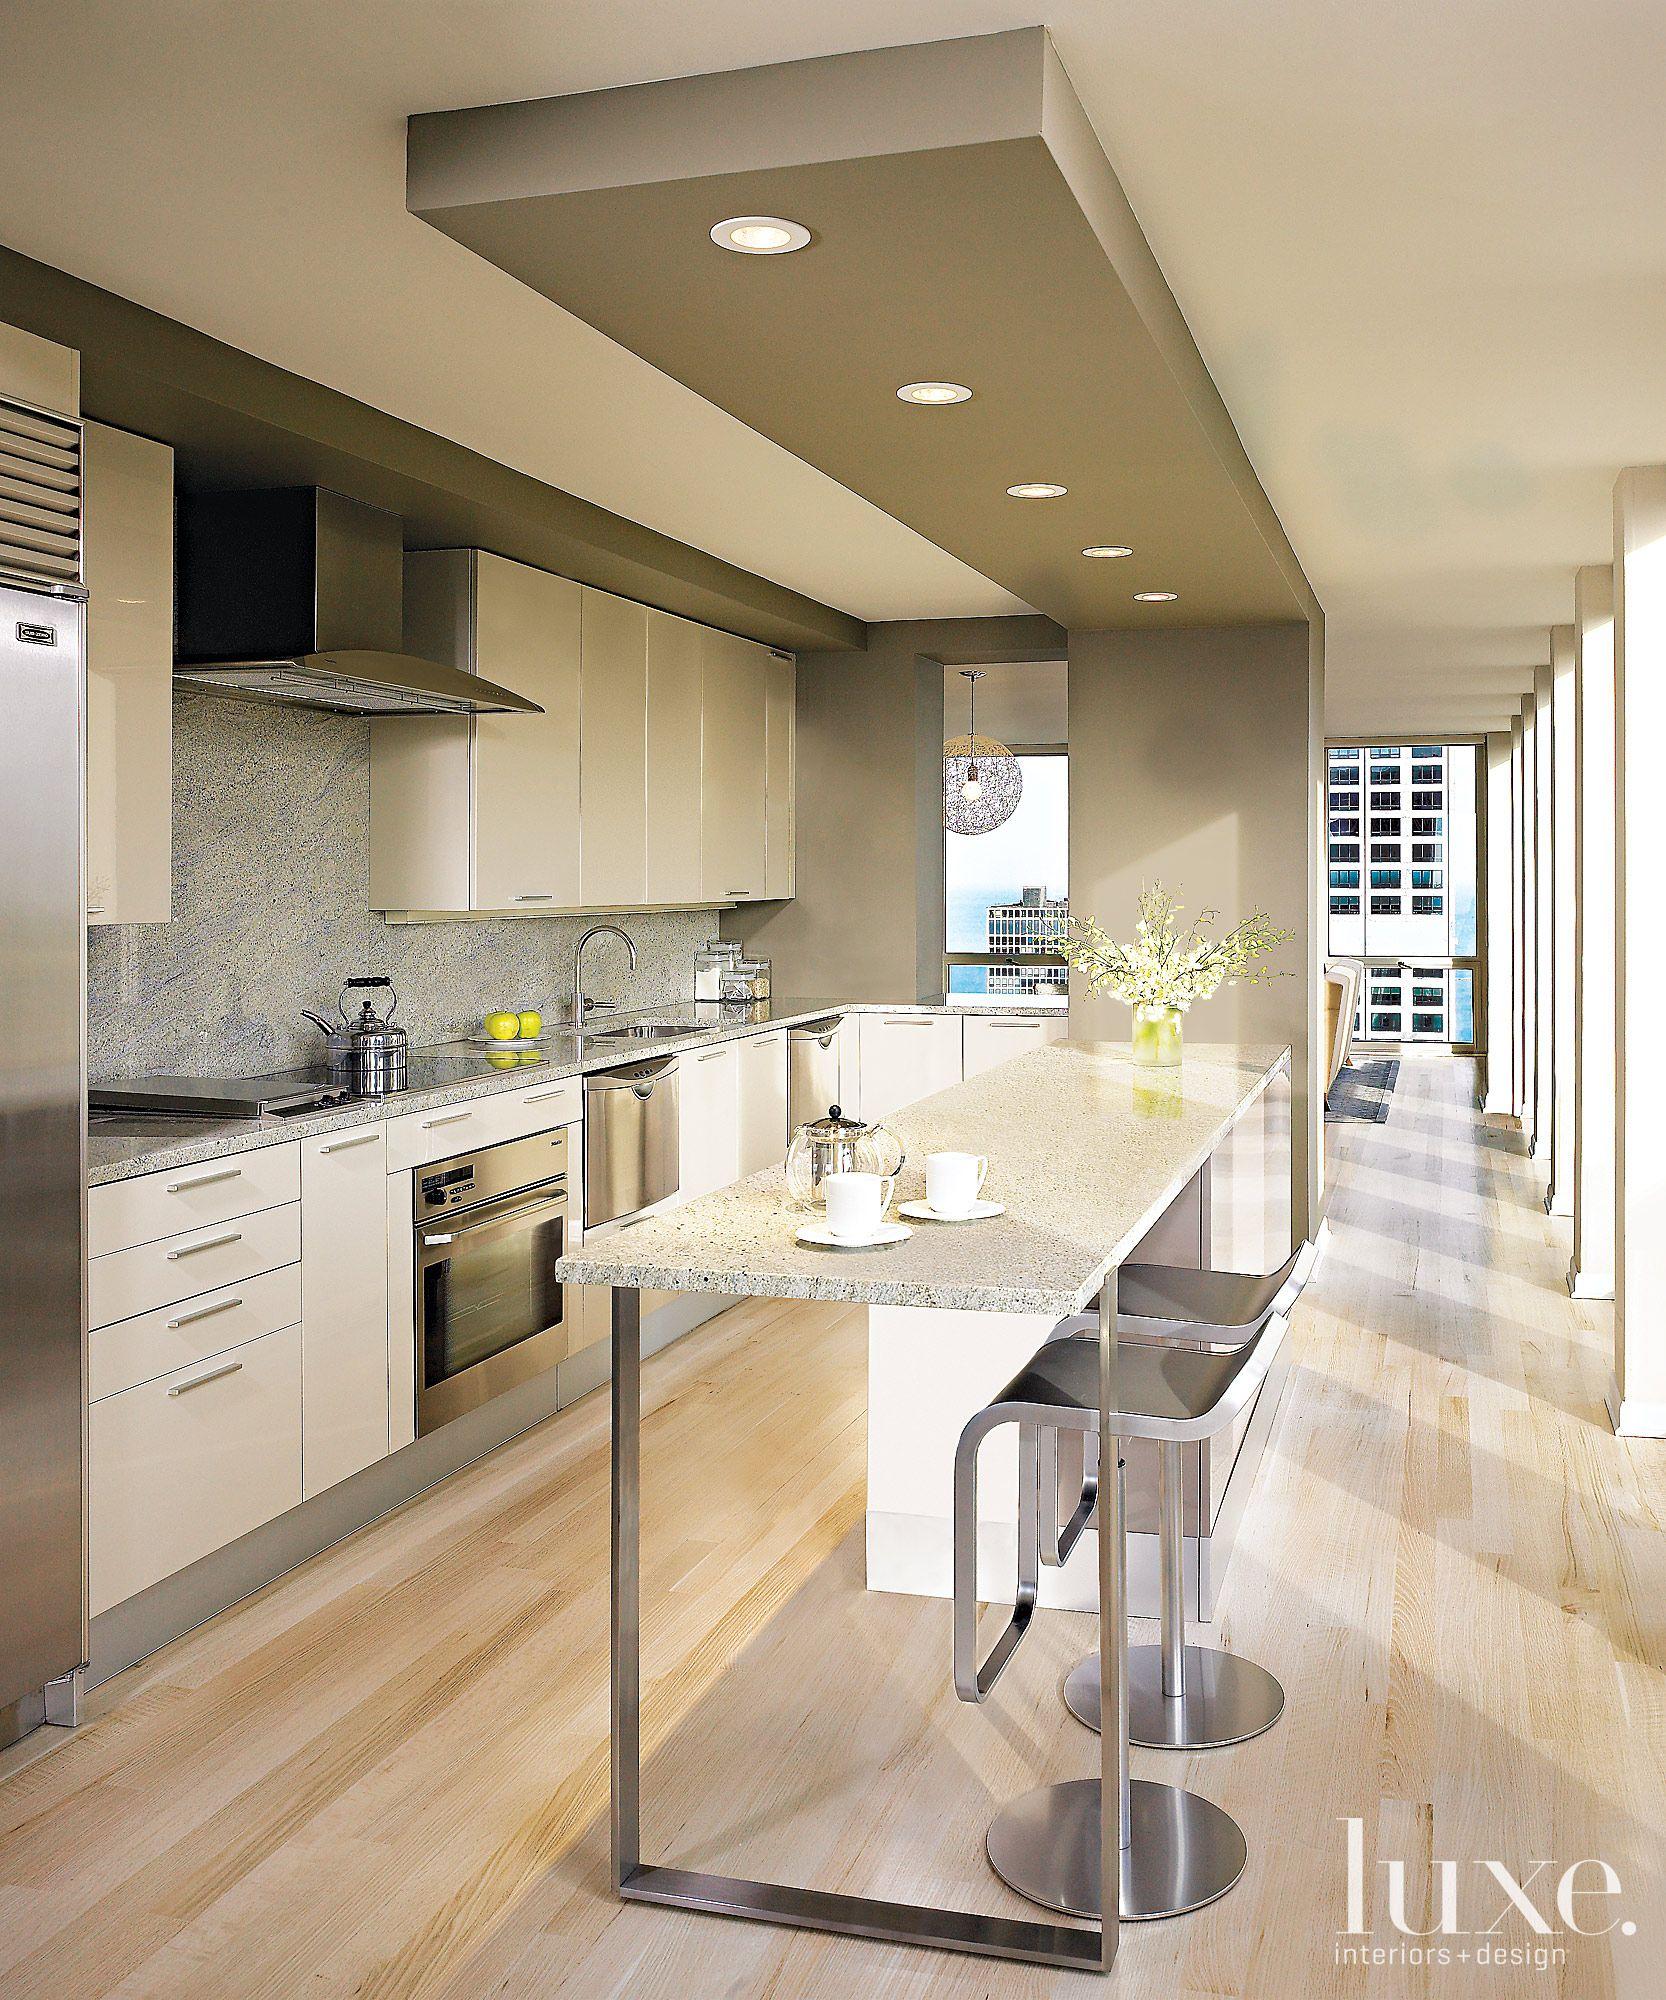 Faux Plafond Cuisine Design Meilleur De Photos Moderni Vaalea Cucina Pinterest